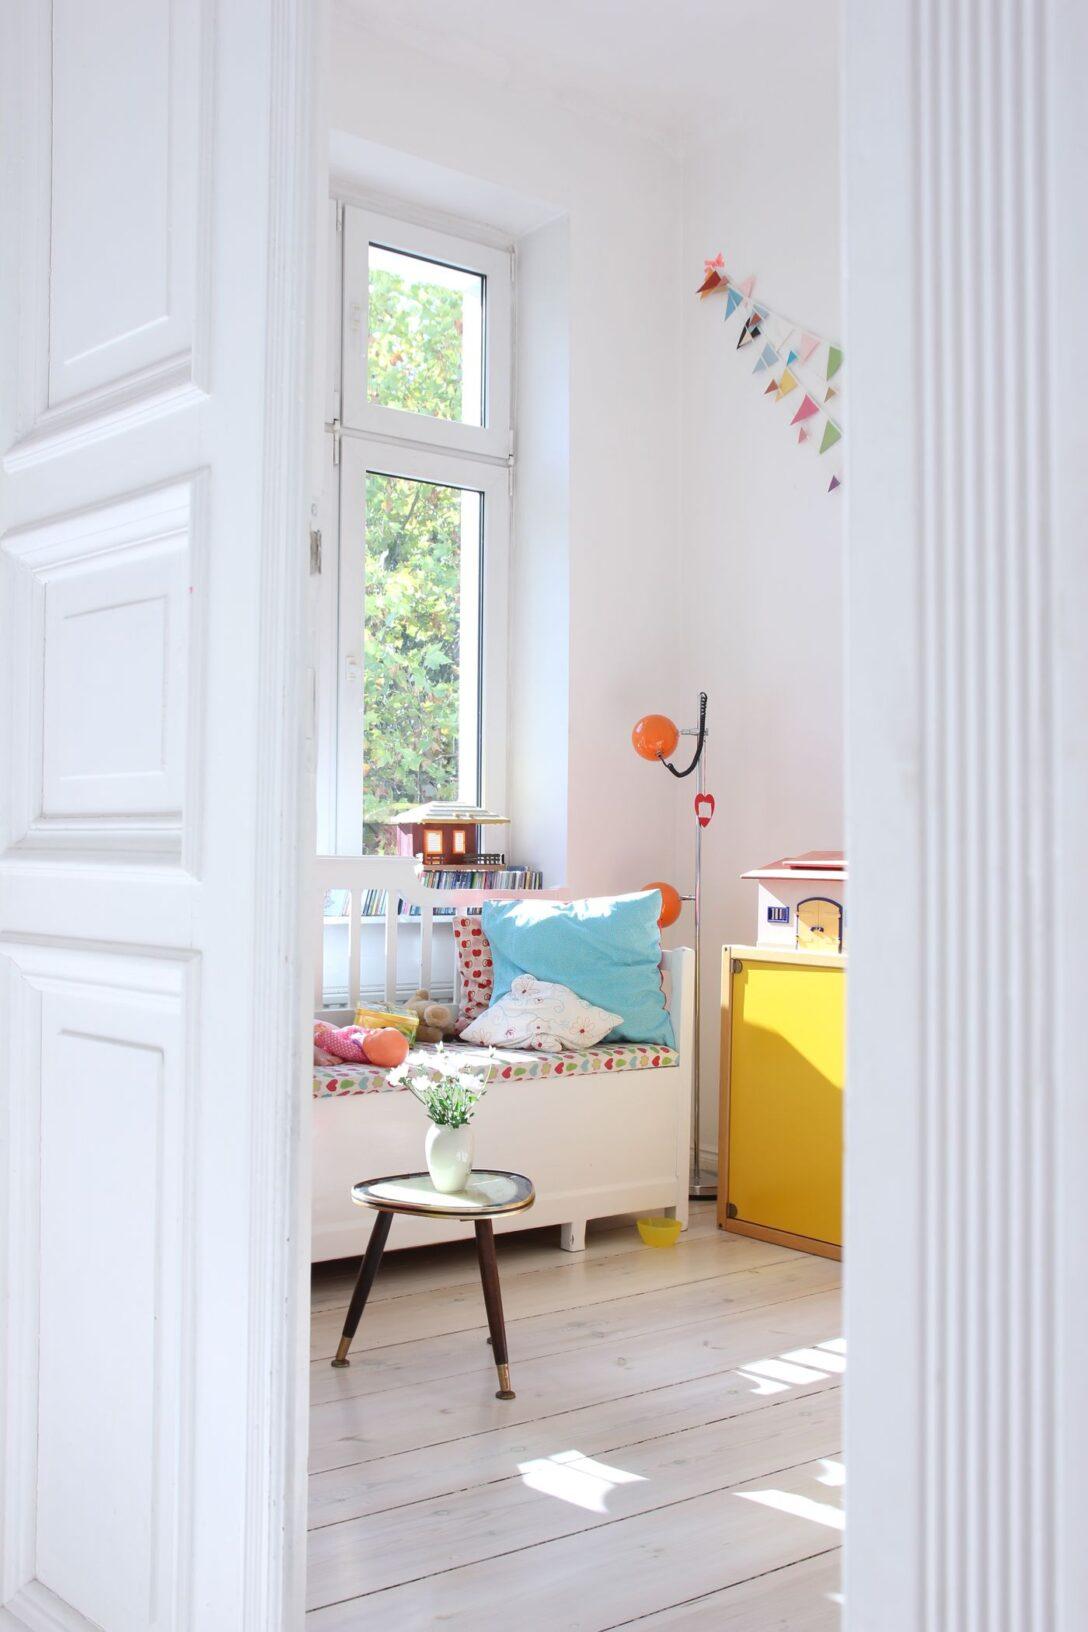 Large Size of Kinderzimmer Regal Sofa Regale Weiß Kinderzimmer Kinderzimmer Einrichtung